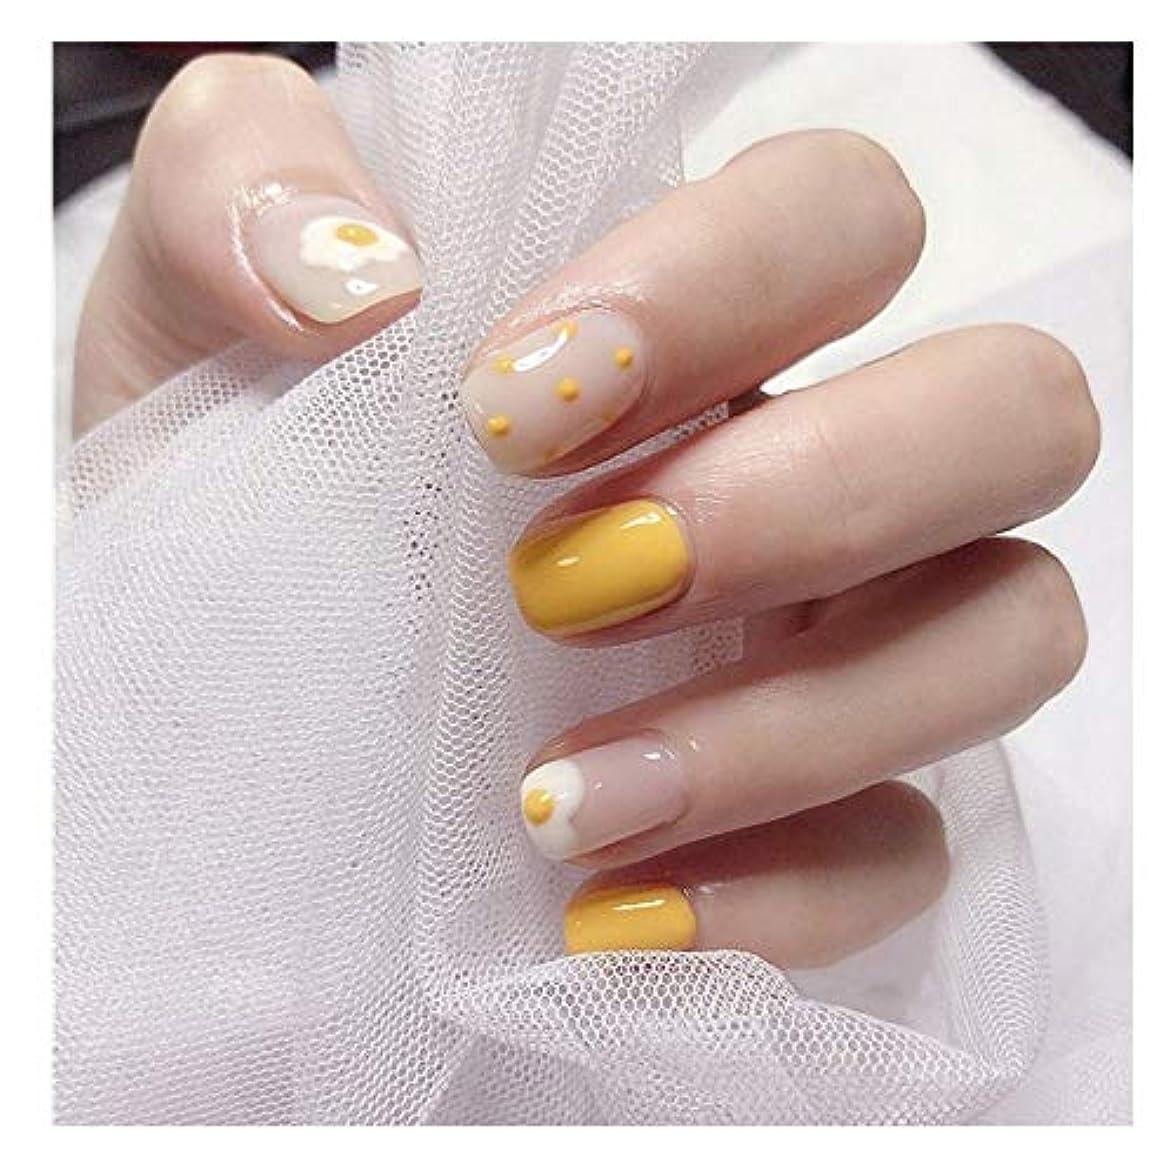 パパ着陸ヘルシーYESONEEP 黄色の卵偽の釘のショートスクエアネイルグルー完成ネイルアートフェイクネイルズ (色 : 24 pieces)